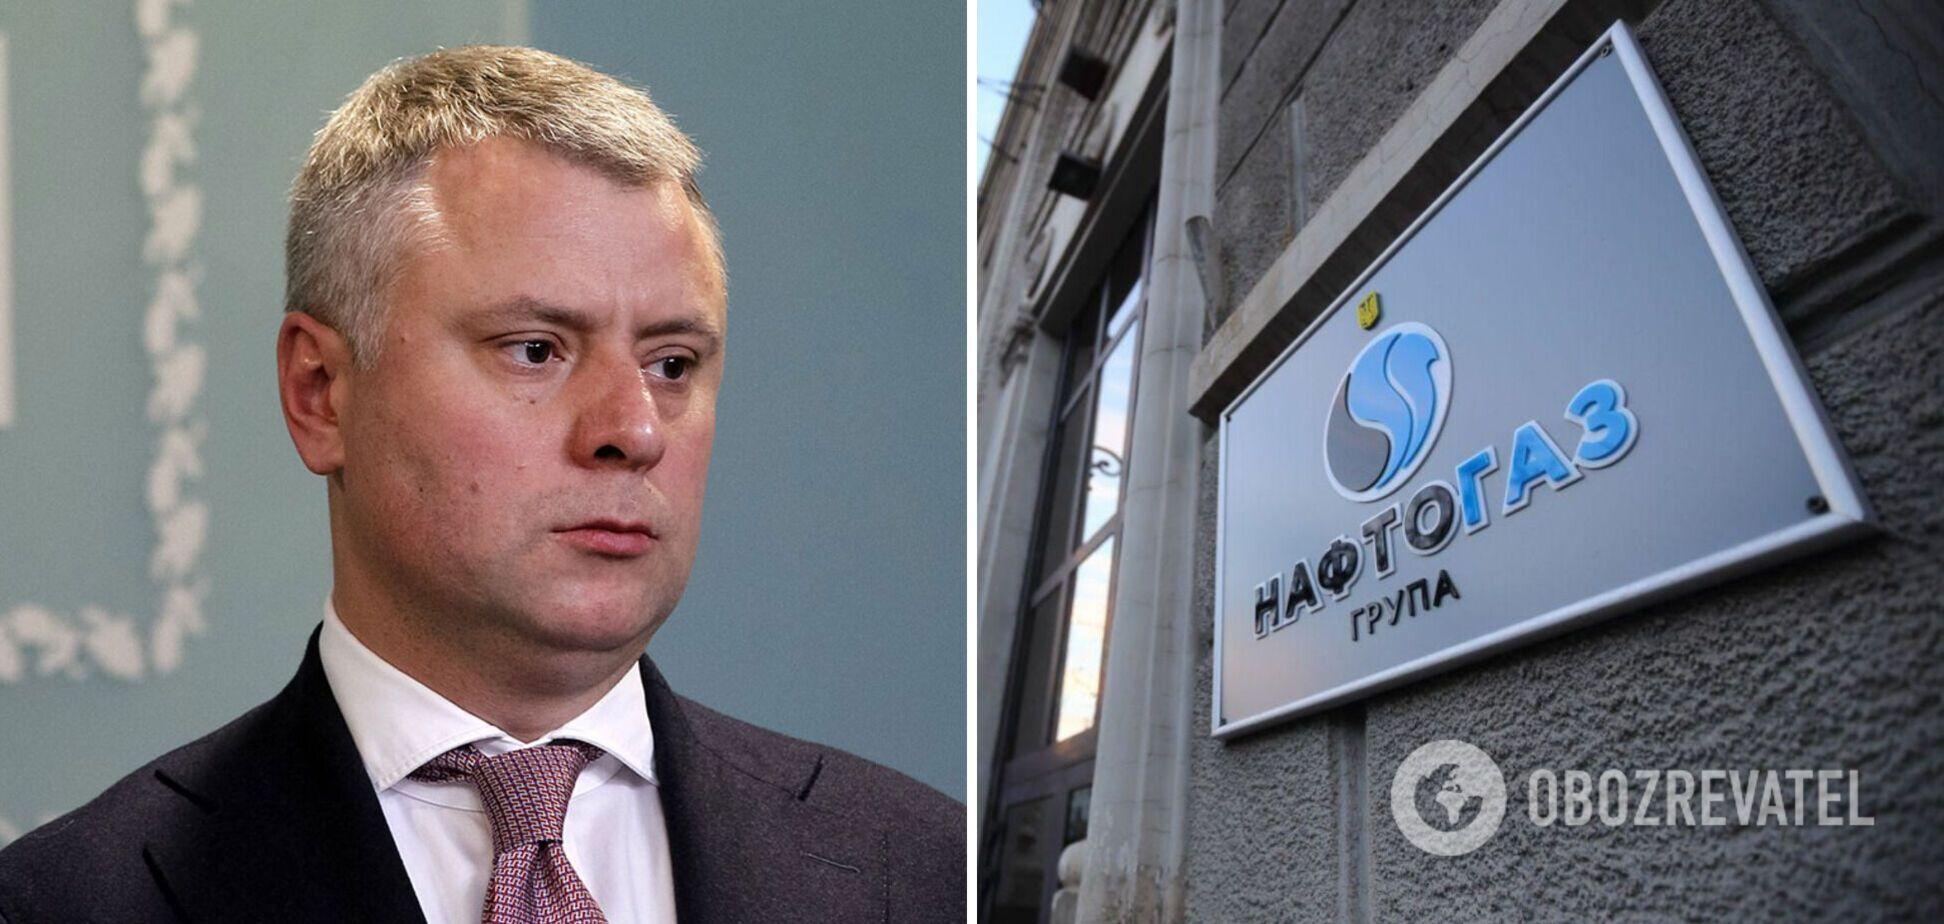 С Витренко на год подписали контракт, а набсовету 'Нафтогаза' предложат продолжить работу – Ермак